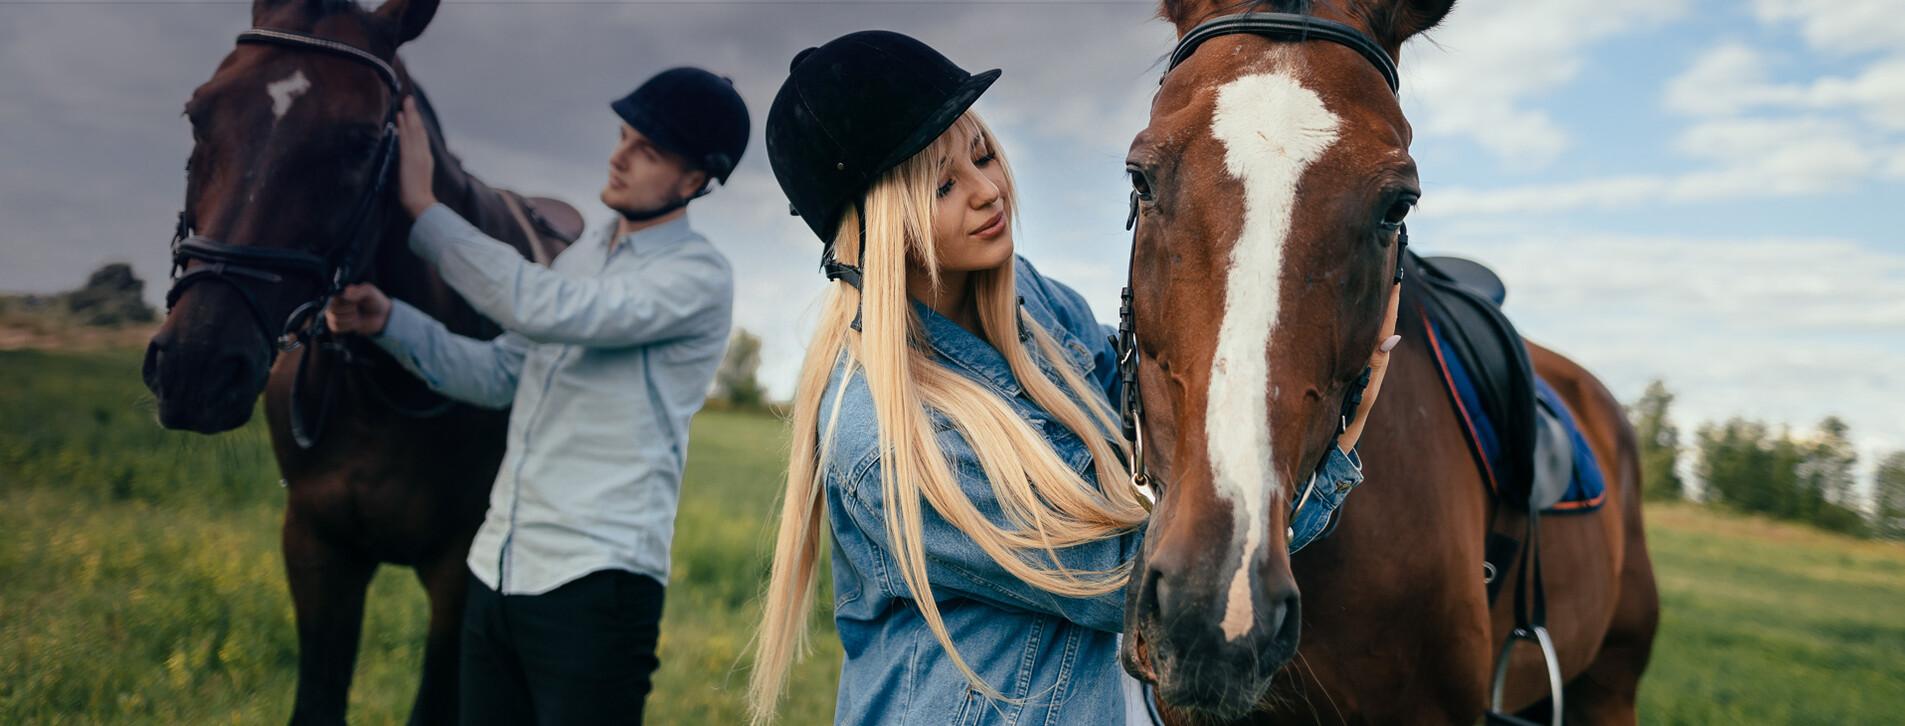 Фото 1 - Прогулка на лошадях для компании